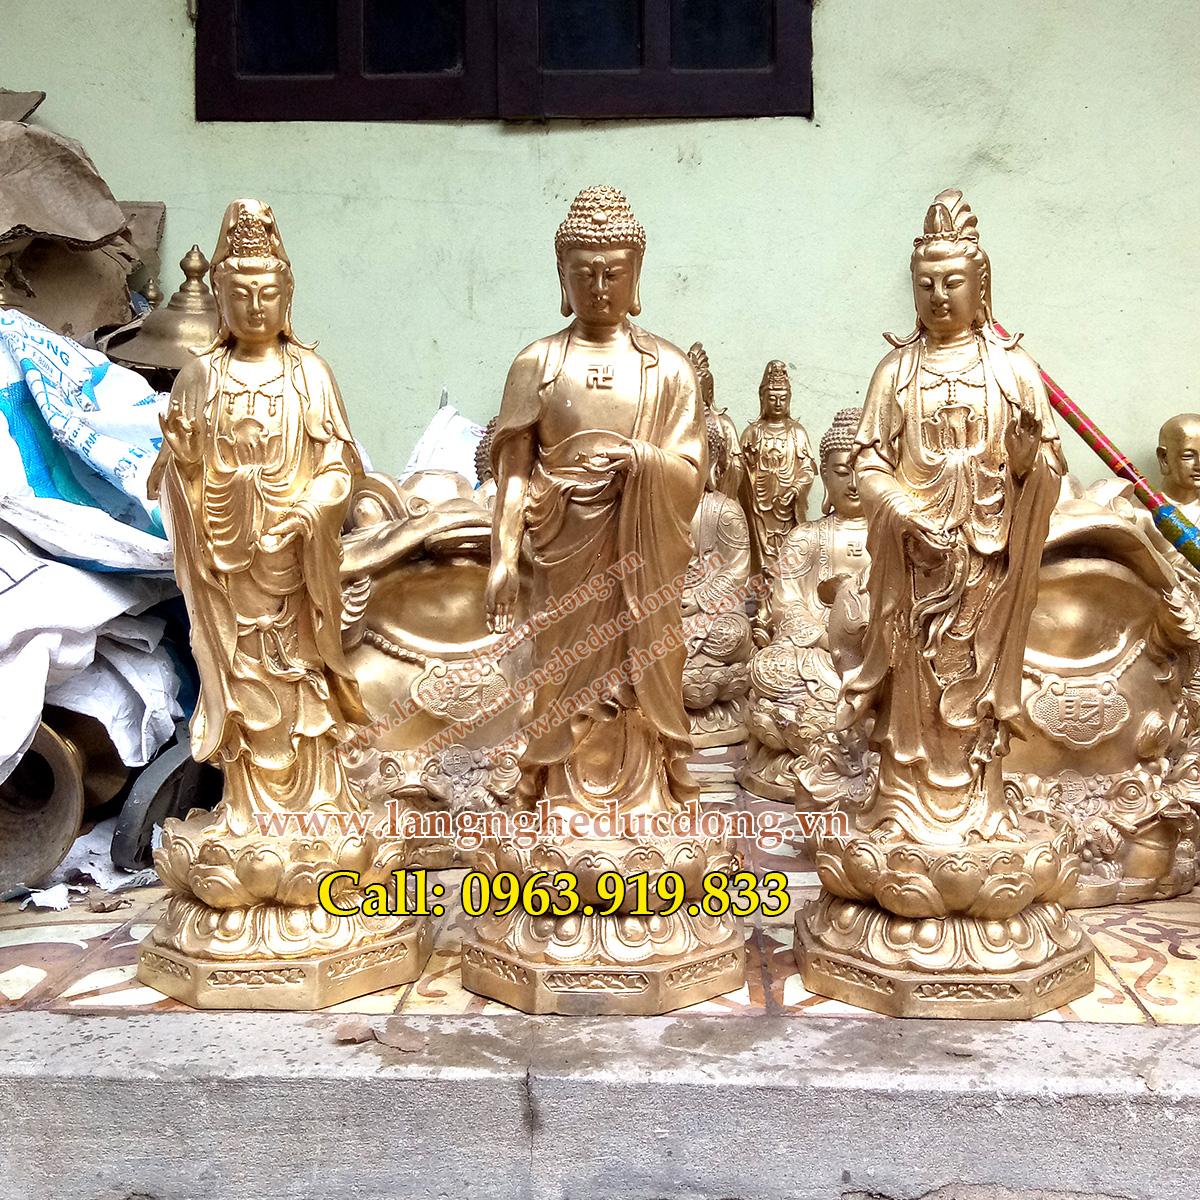 Tượng Tam thánh, Tam thế Phật, tượng phật bằng đồng 50cm